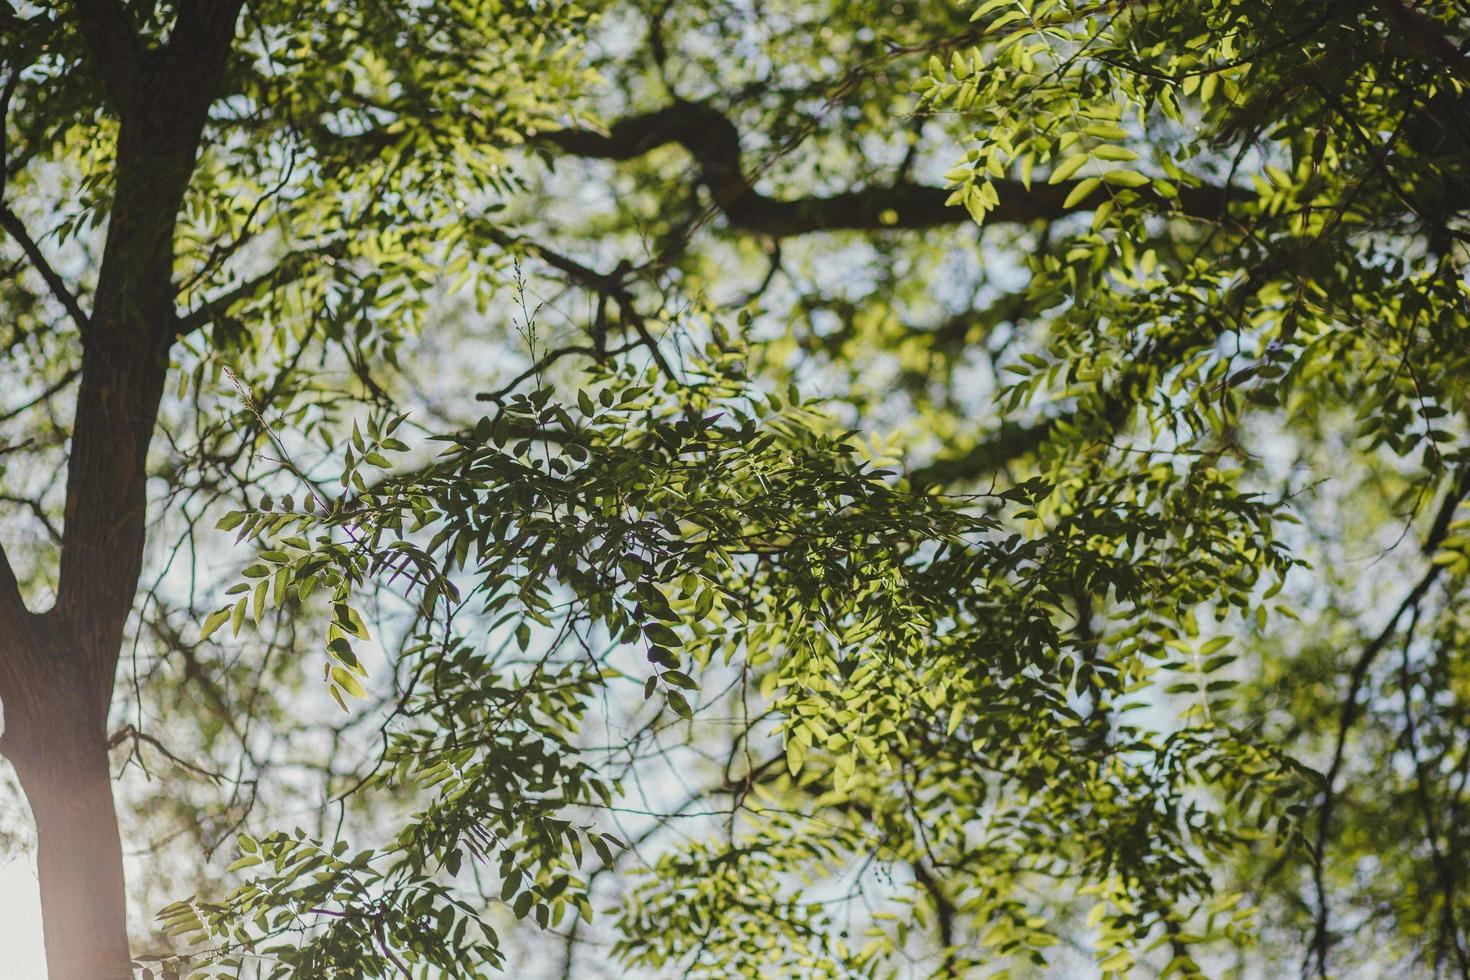 olhando para os galhos de árvores foto